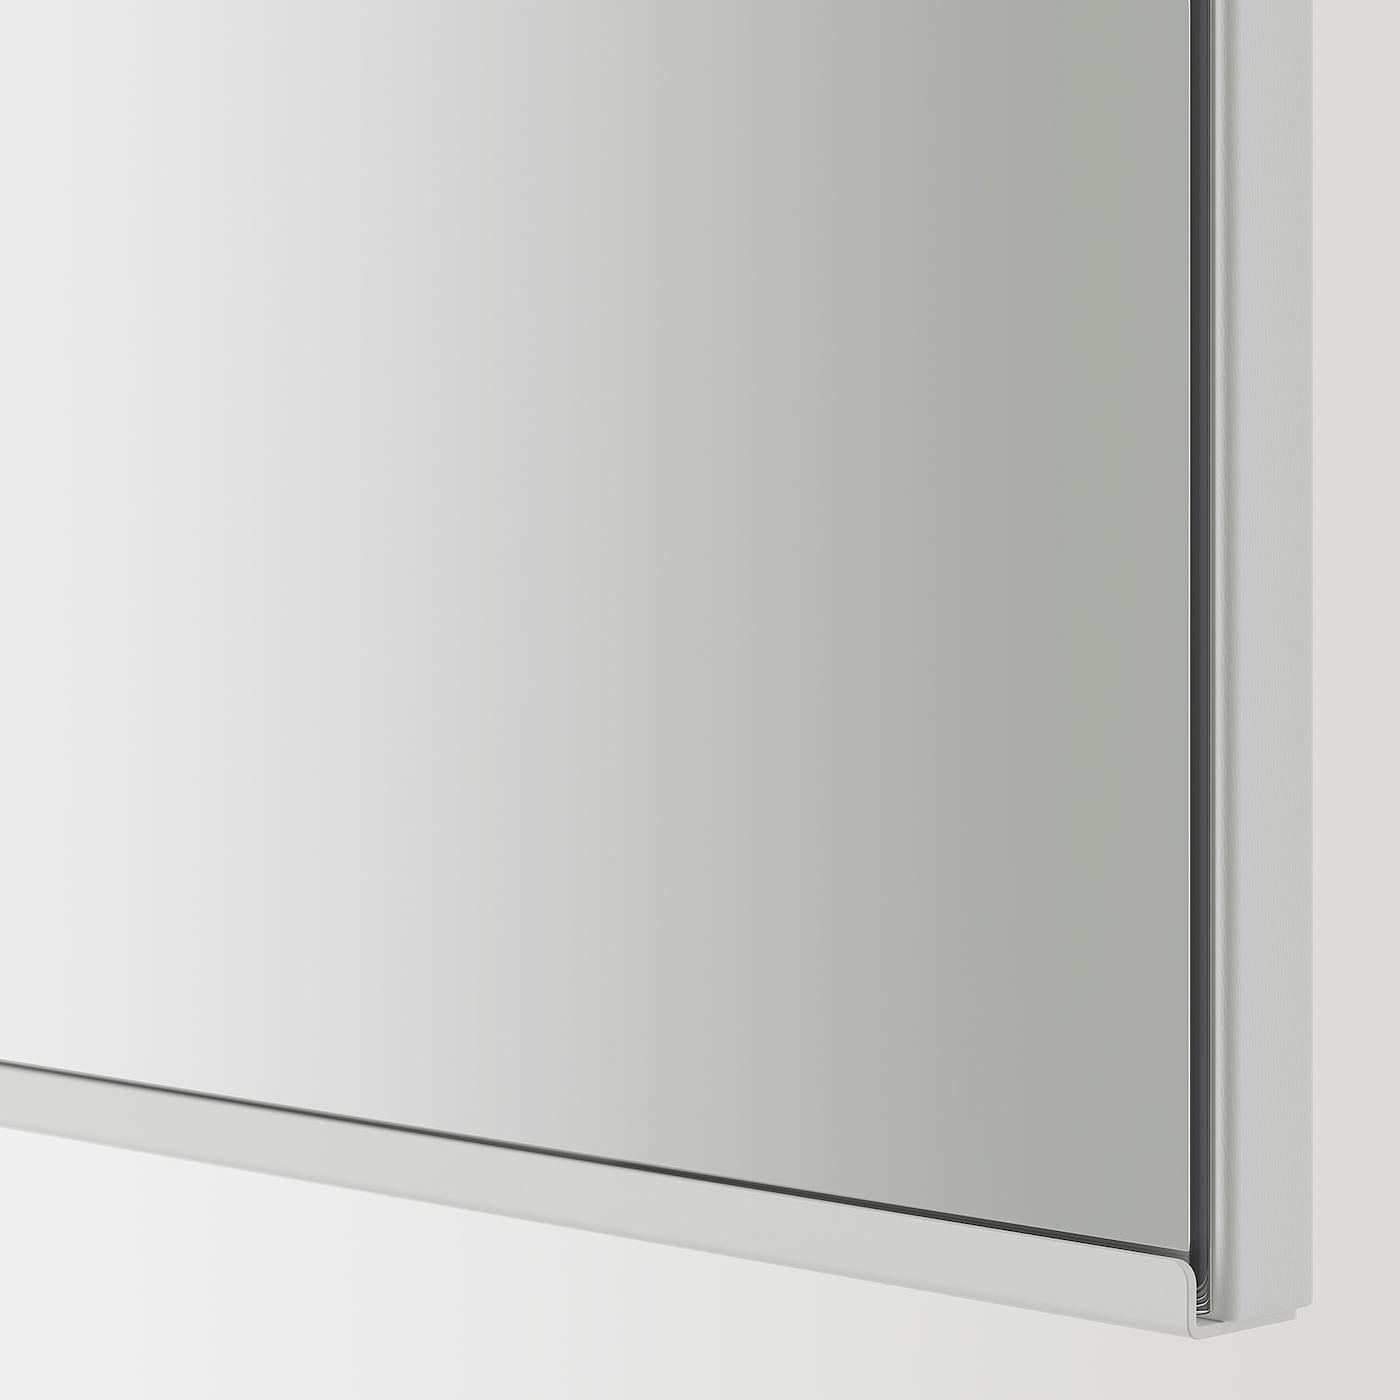 ENHET Spiegelkast met 2 deuren, grijs, 60x17x75 cm